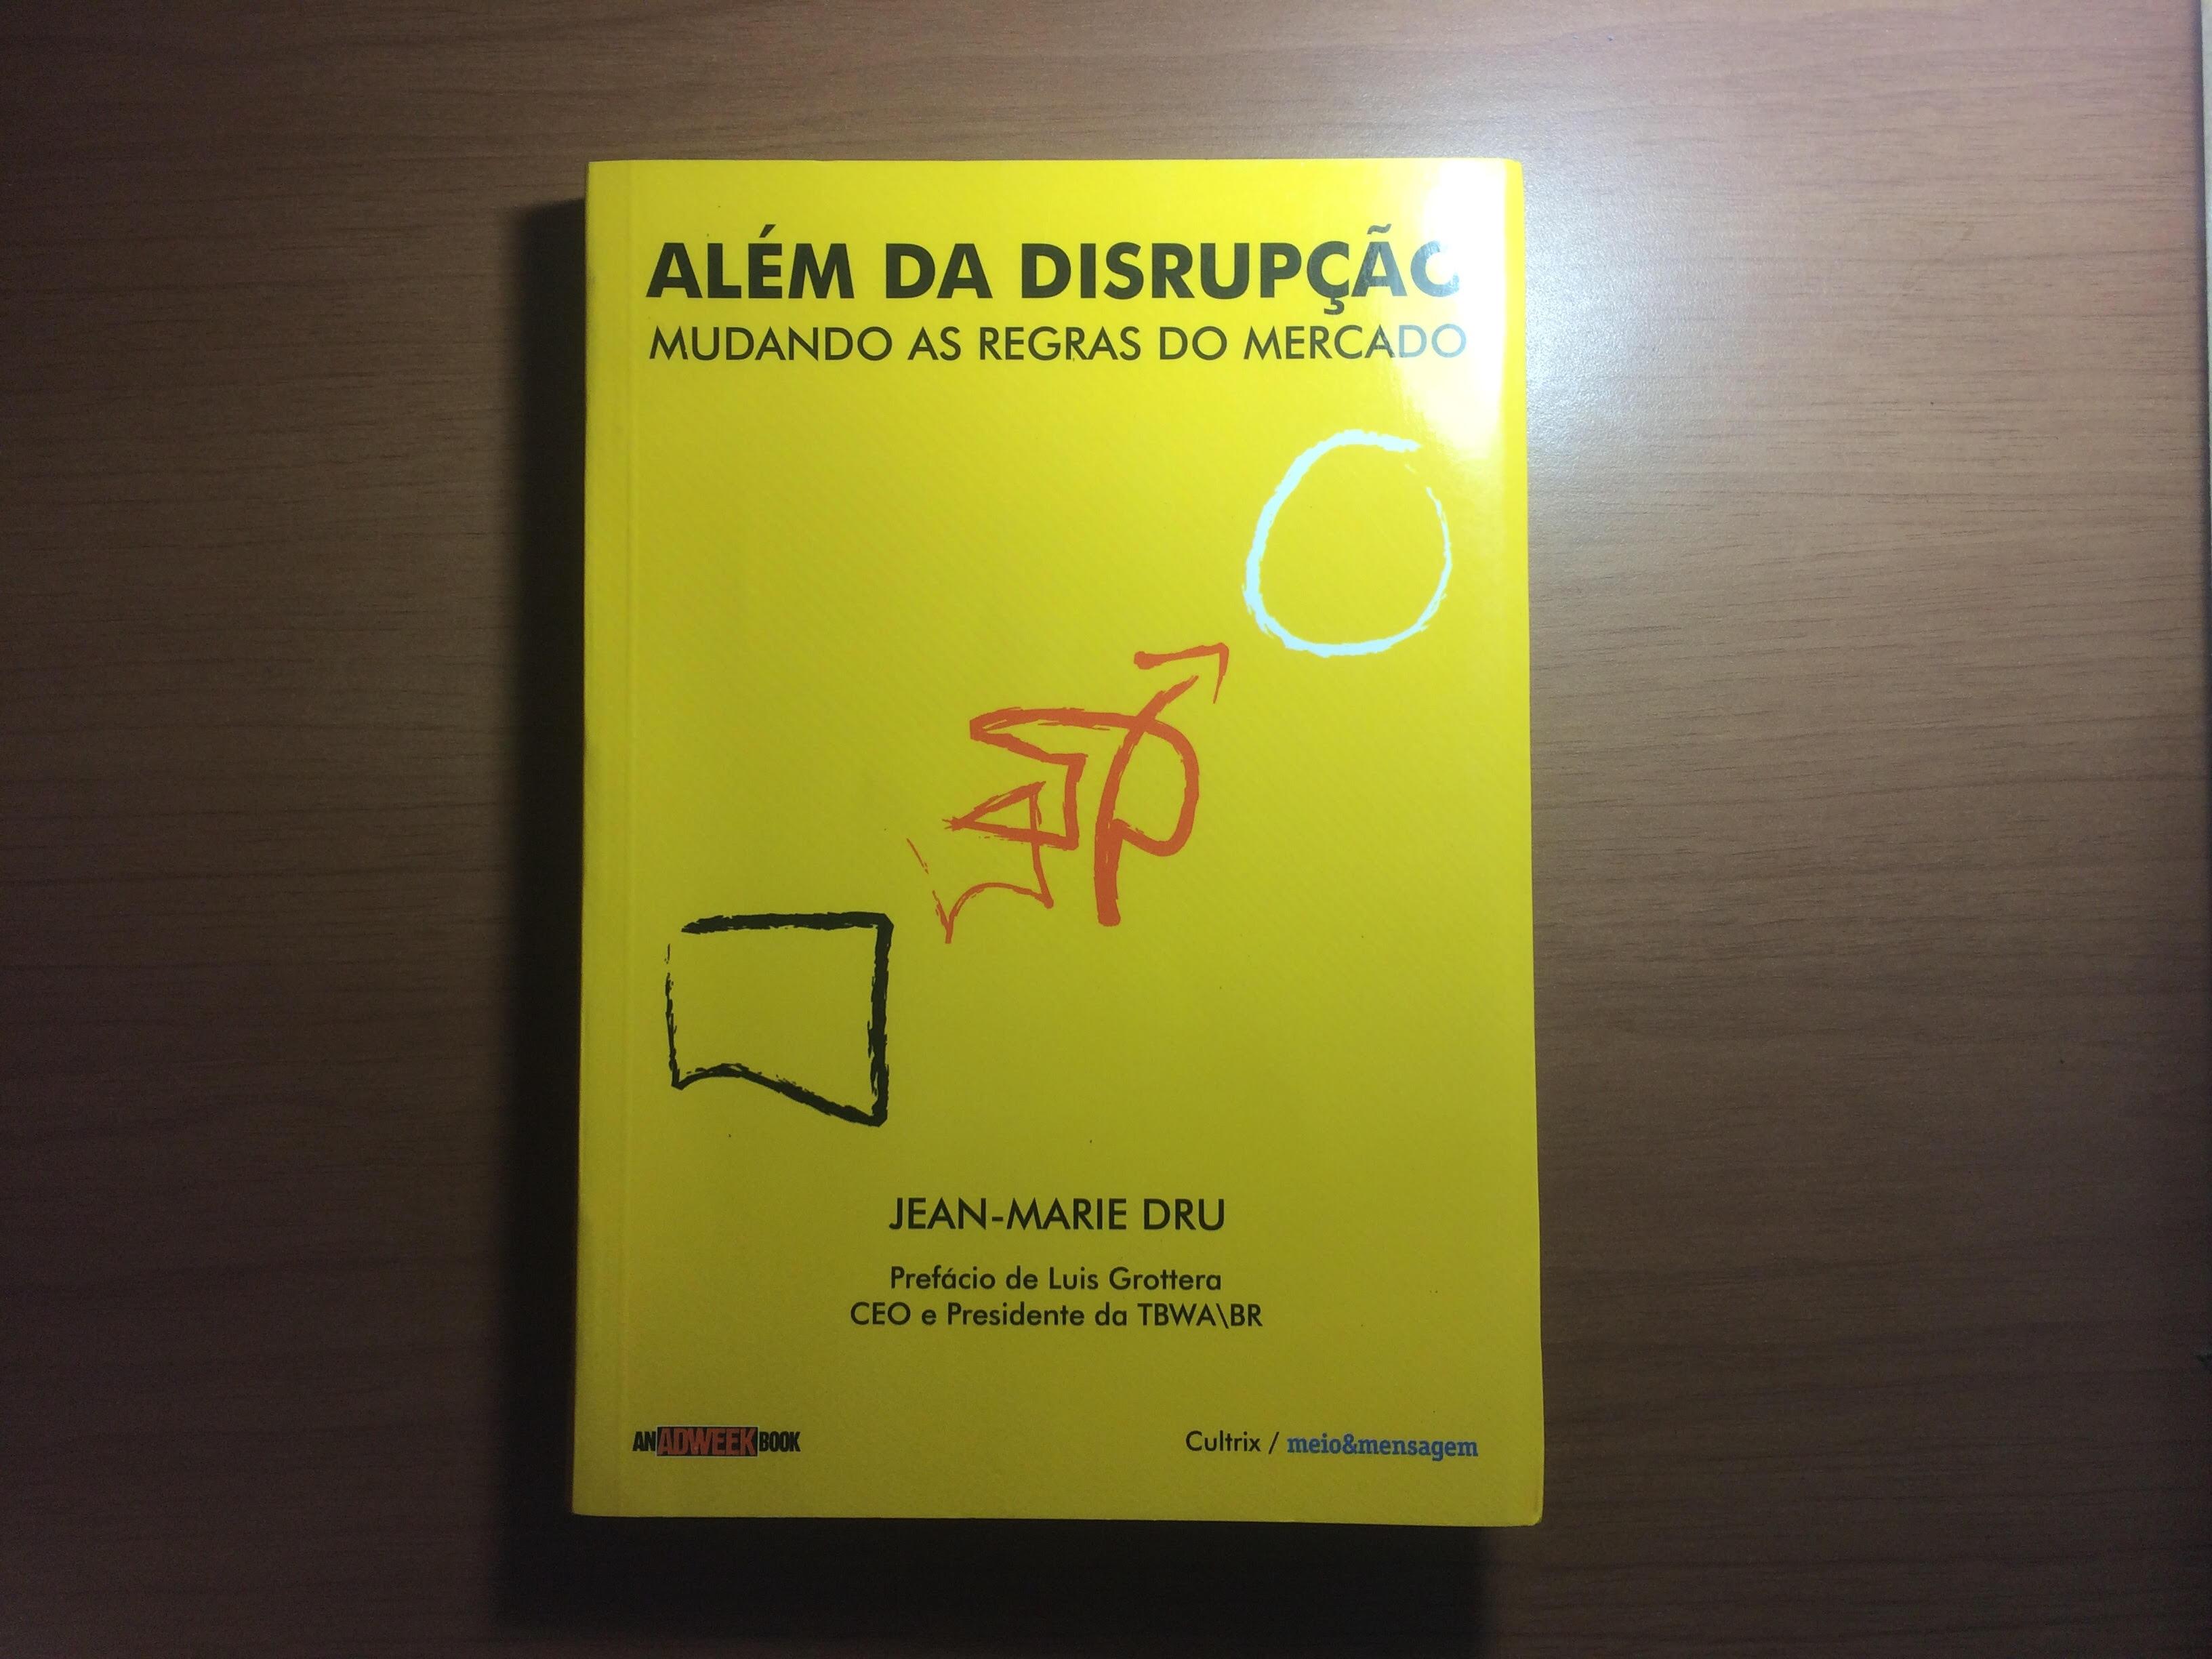 Capa do livro, Além da Disrupção, de Jean-Marie Dru